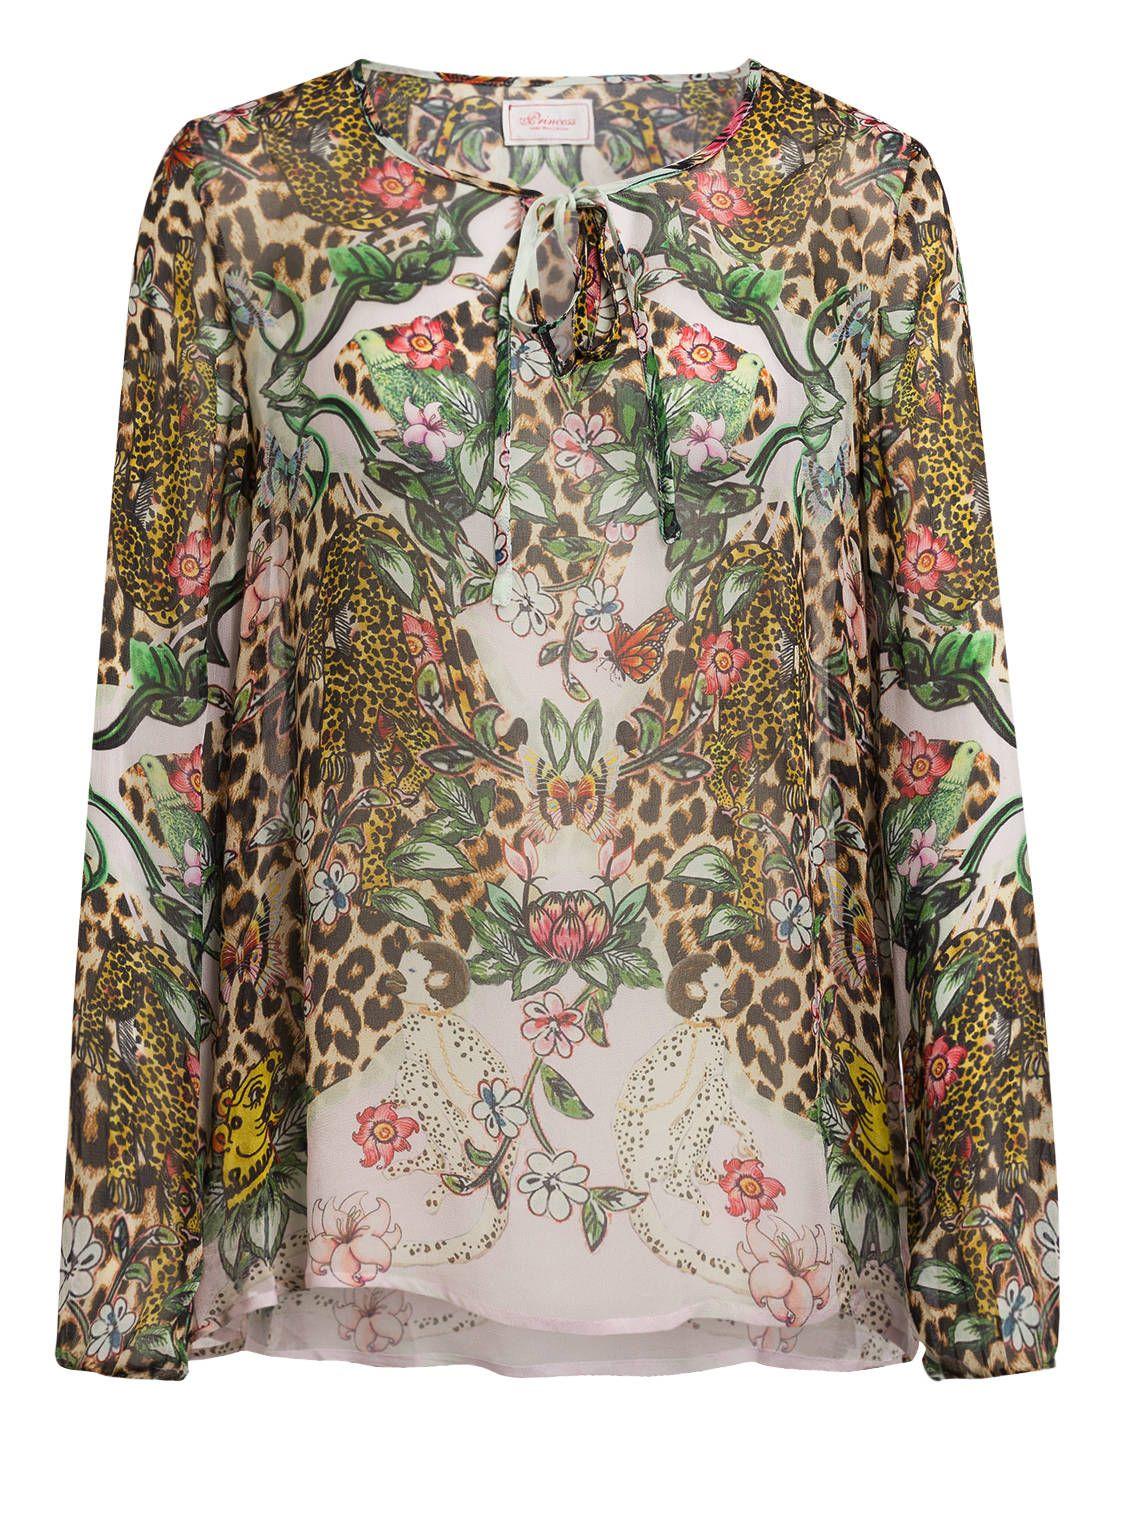 Blusenshirt von Princess GOES HOLLYWOOD bei Breuninger kaufen